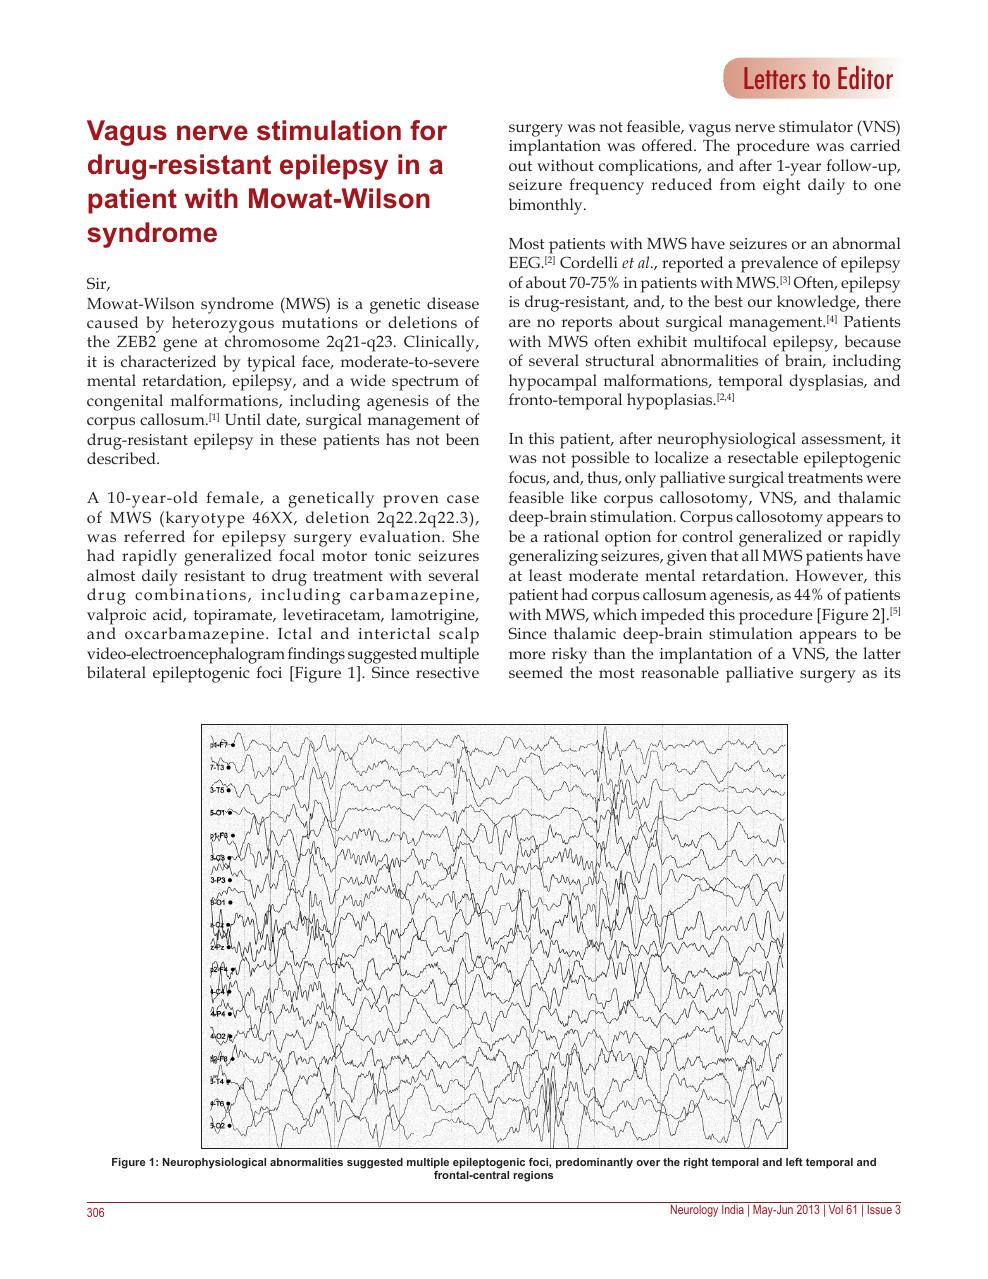 Vagus nerve stimulation for drug-resistant epilepsy in a